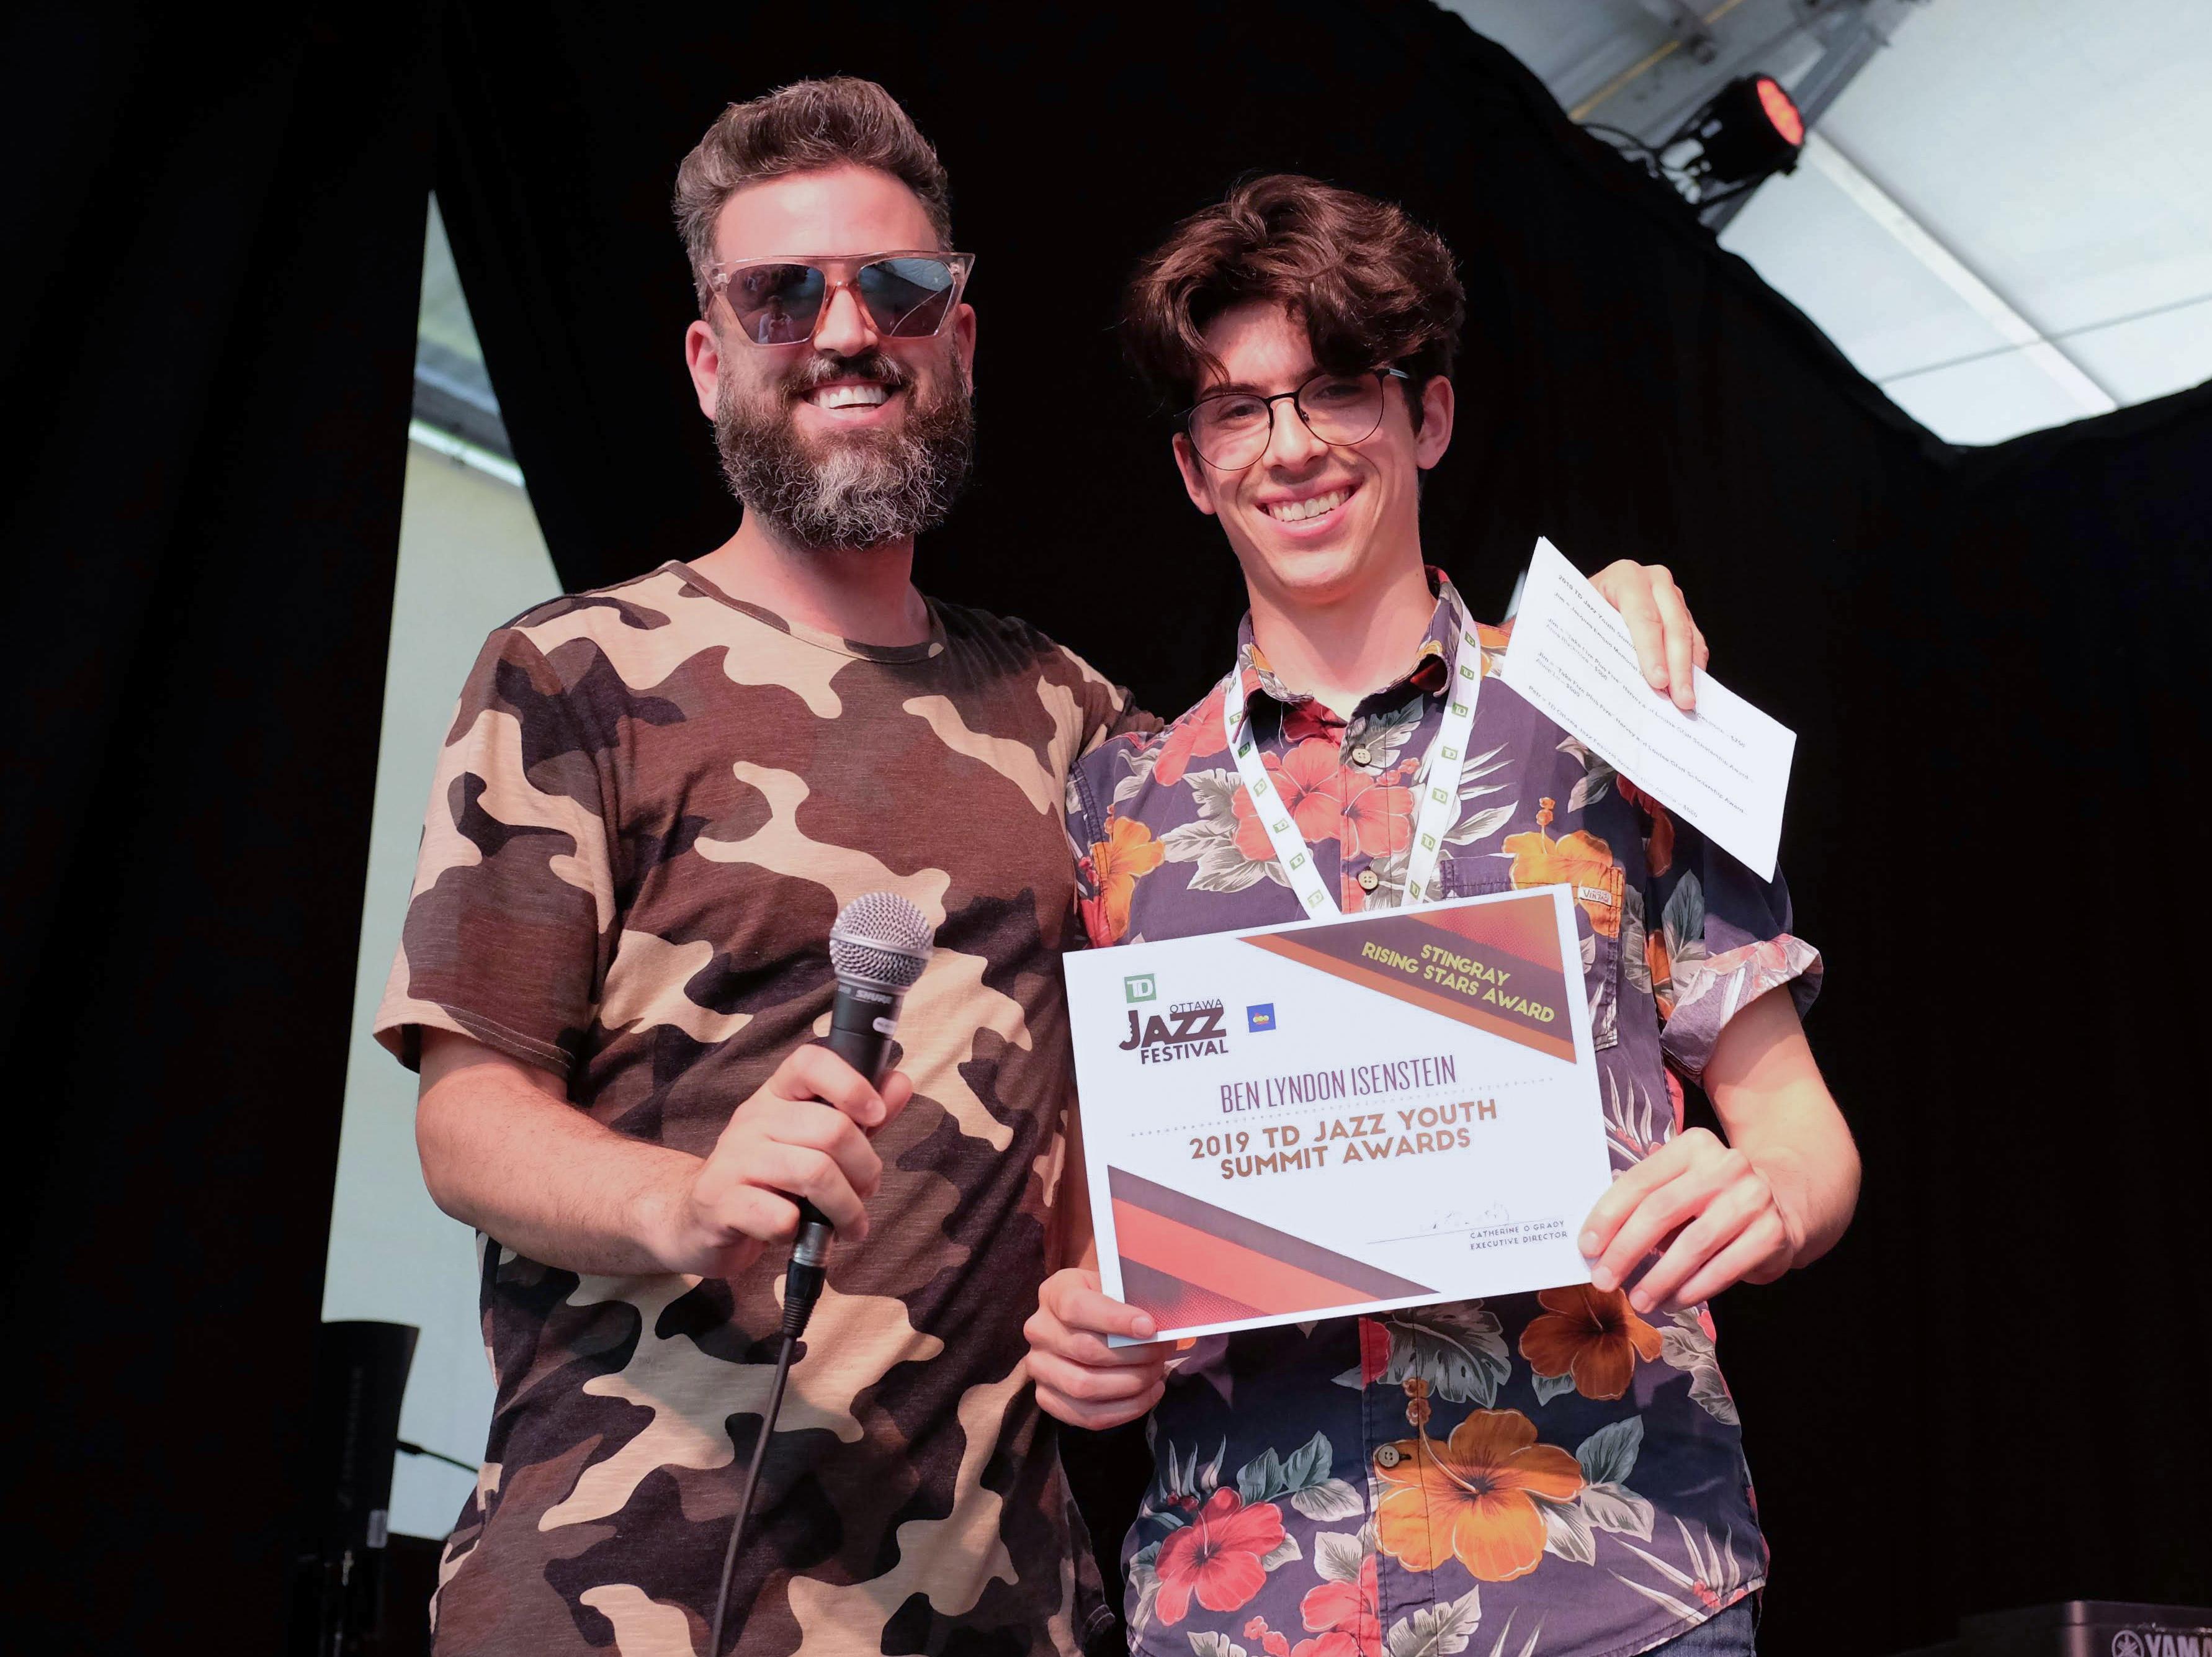 Zachary Monson with Stingray Rising Stars award winner Ben Lyndon Isenstein.